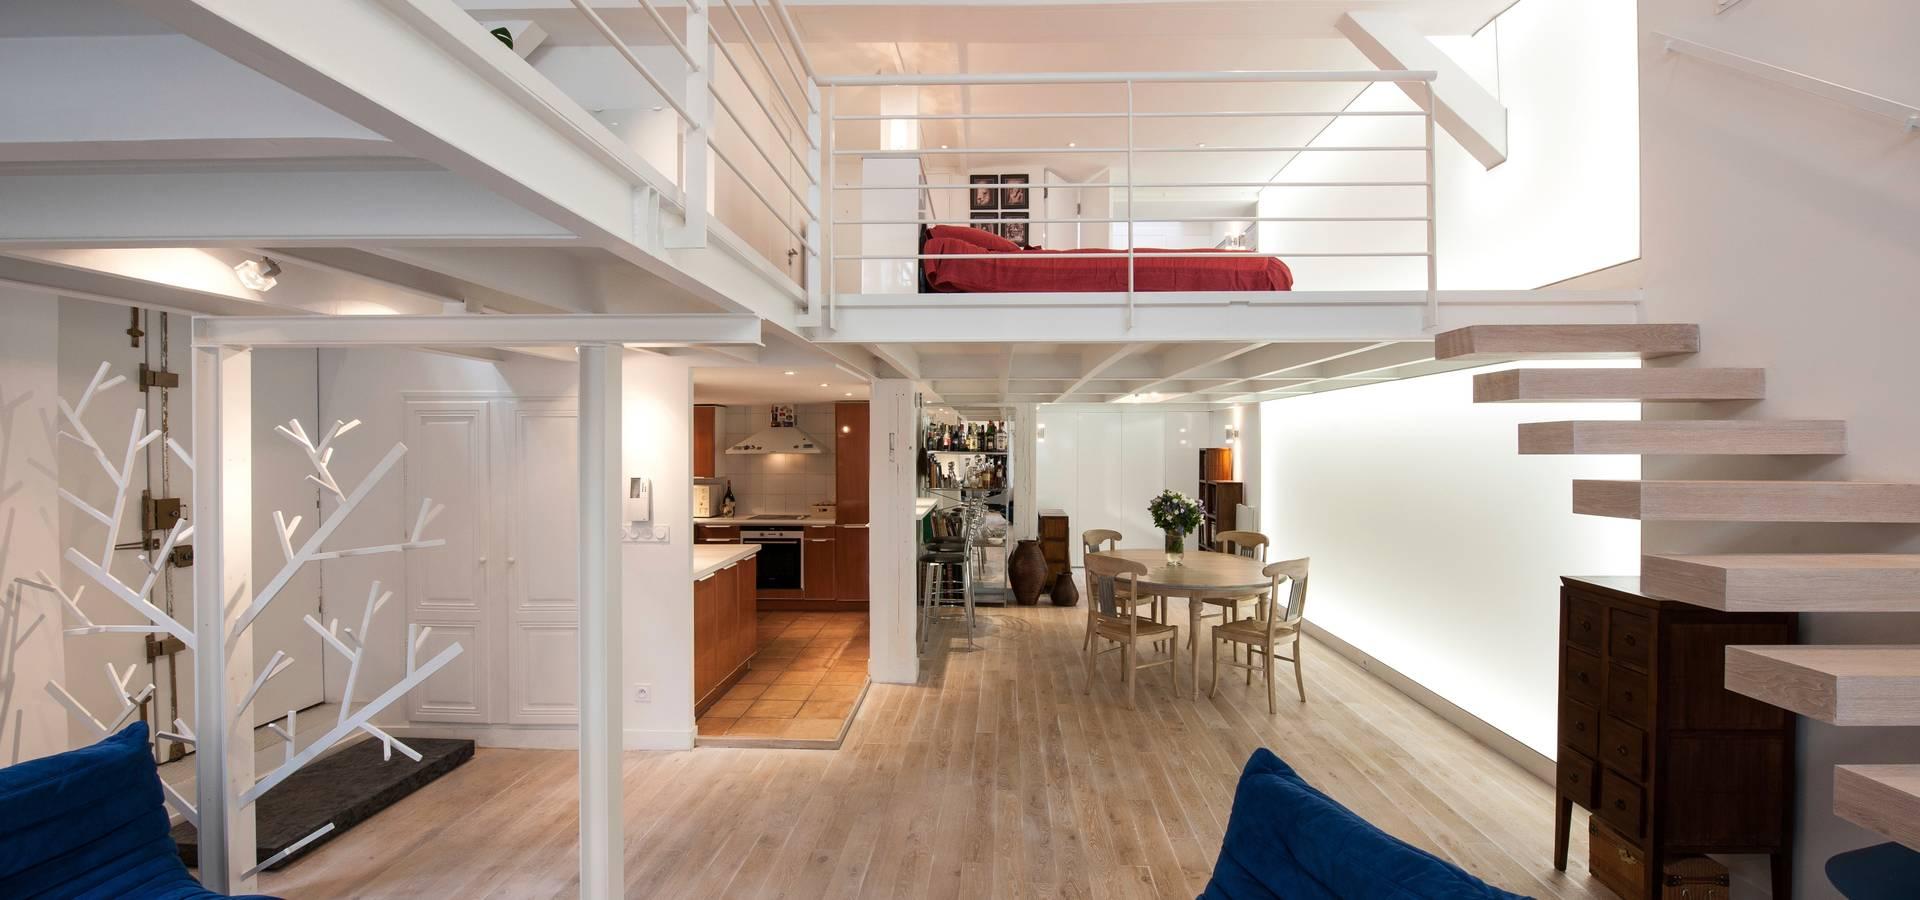 Salon ouvert sur la salle à manger von Fables de murs   homify